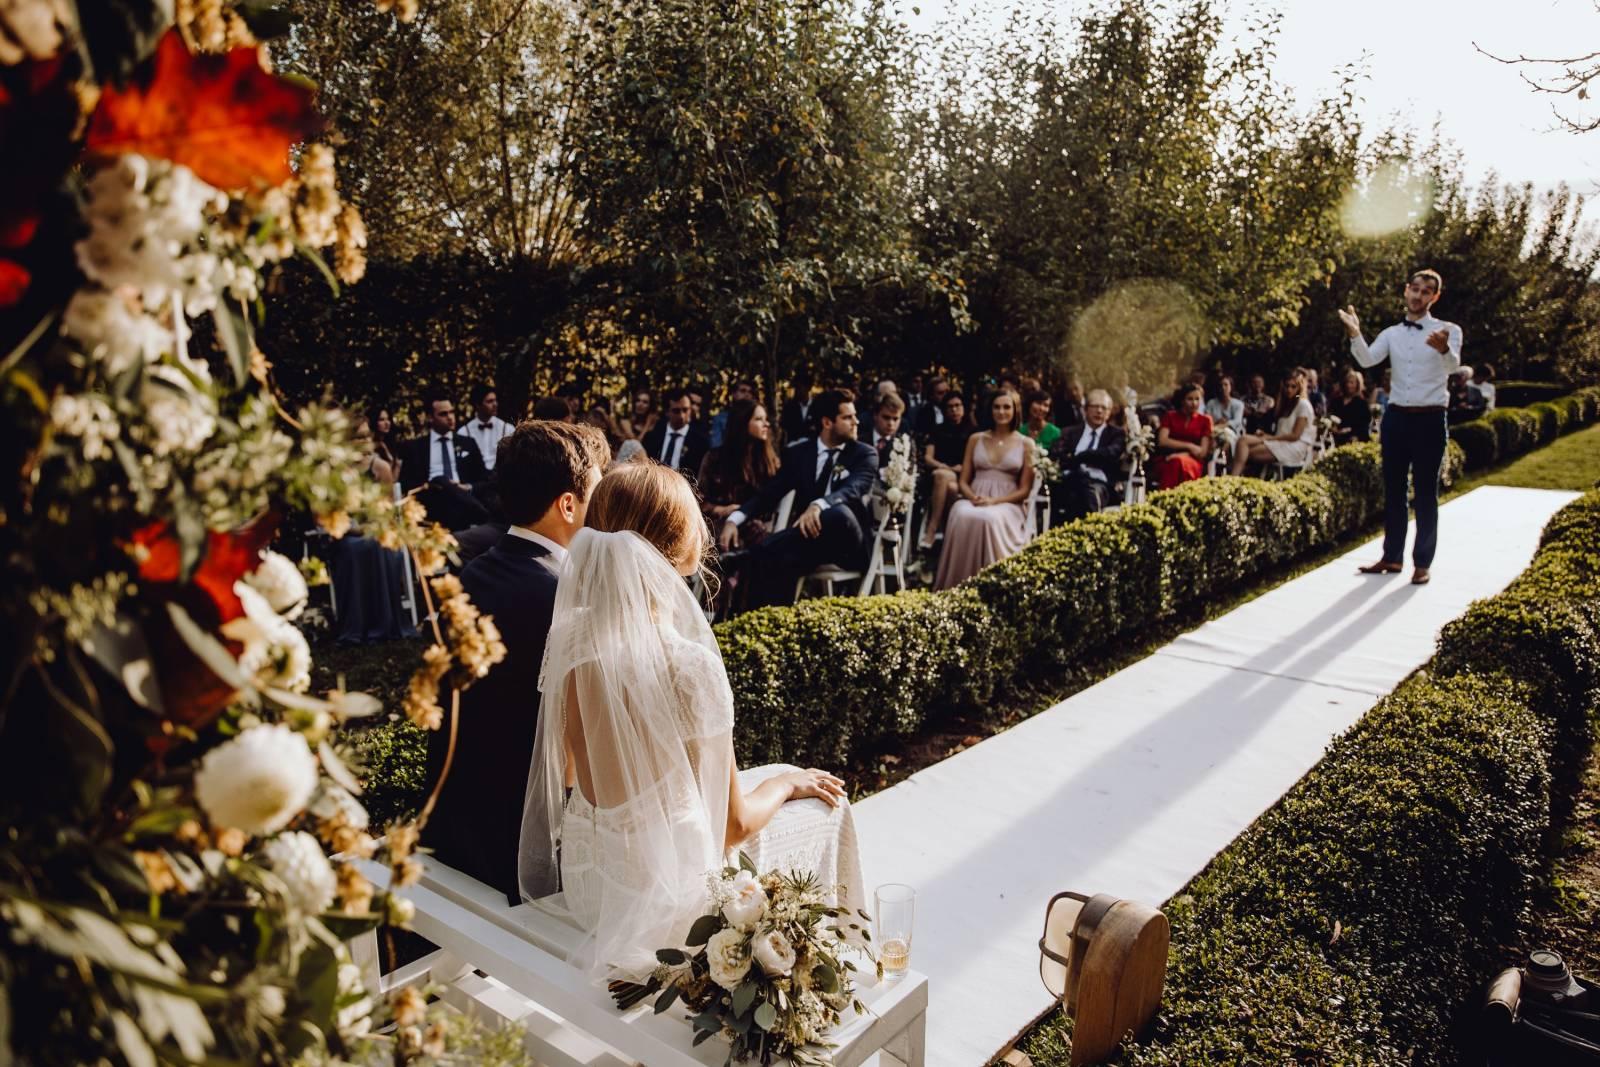 Degroote Bloemen - Bloemist - Bruidsboeket - Bloemen Huwelijk - Trouwen - House of Weddings - 46